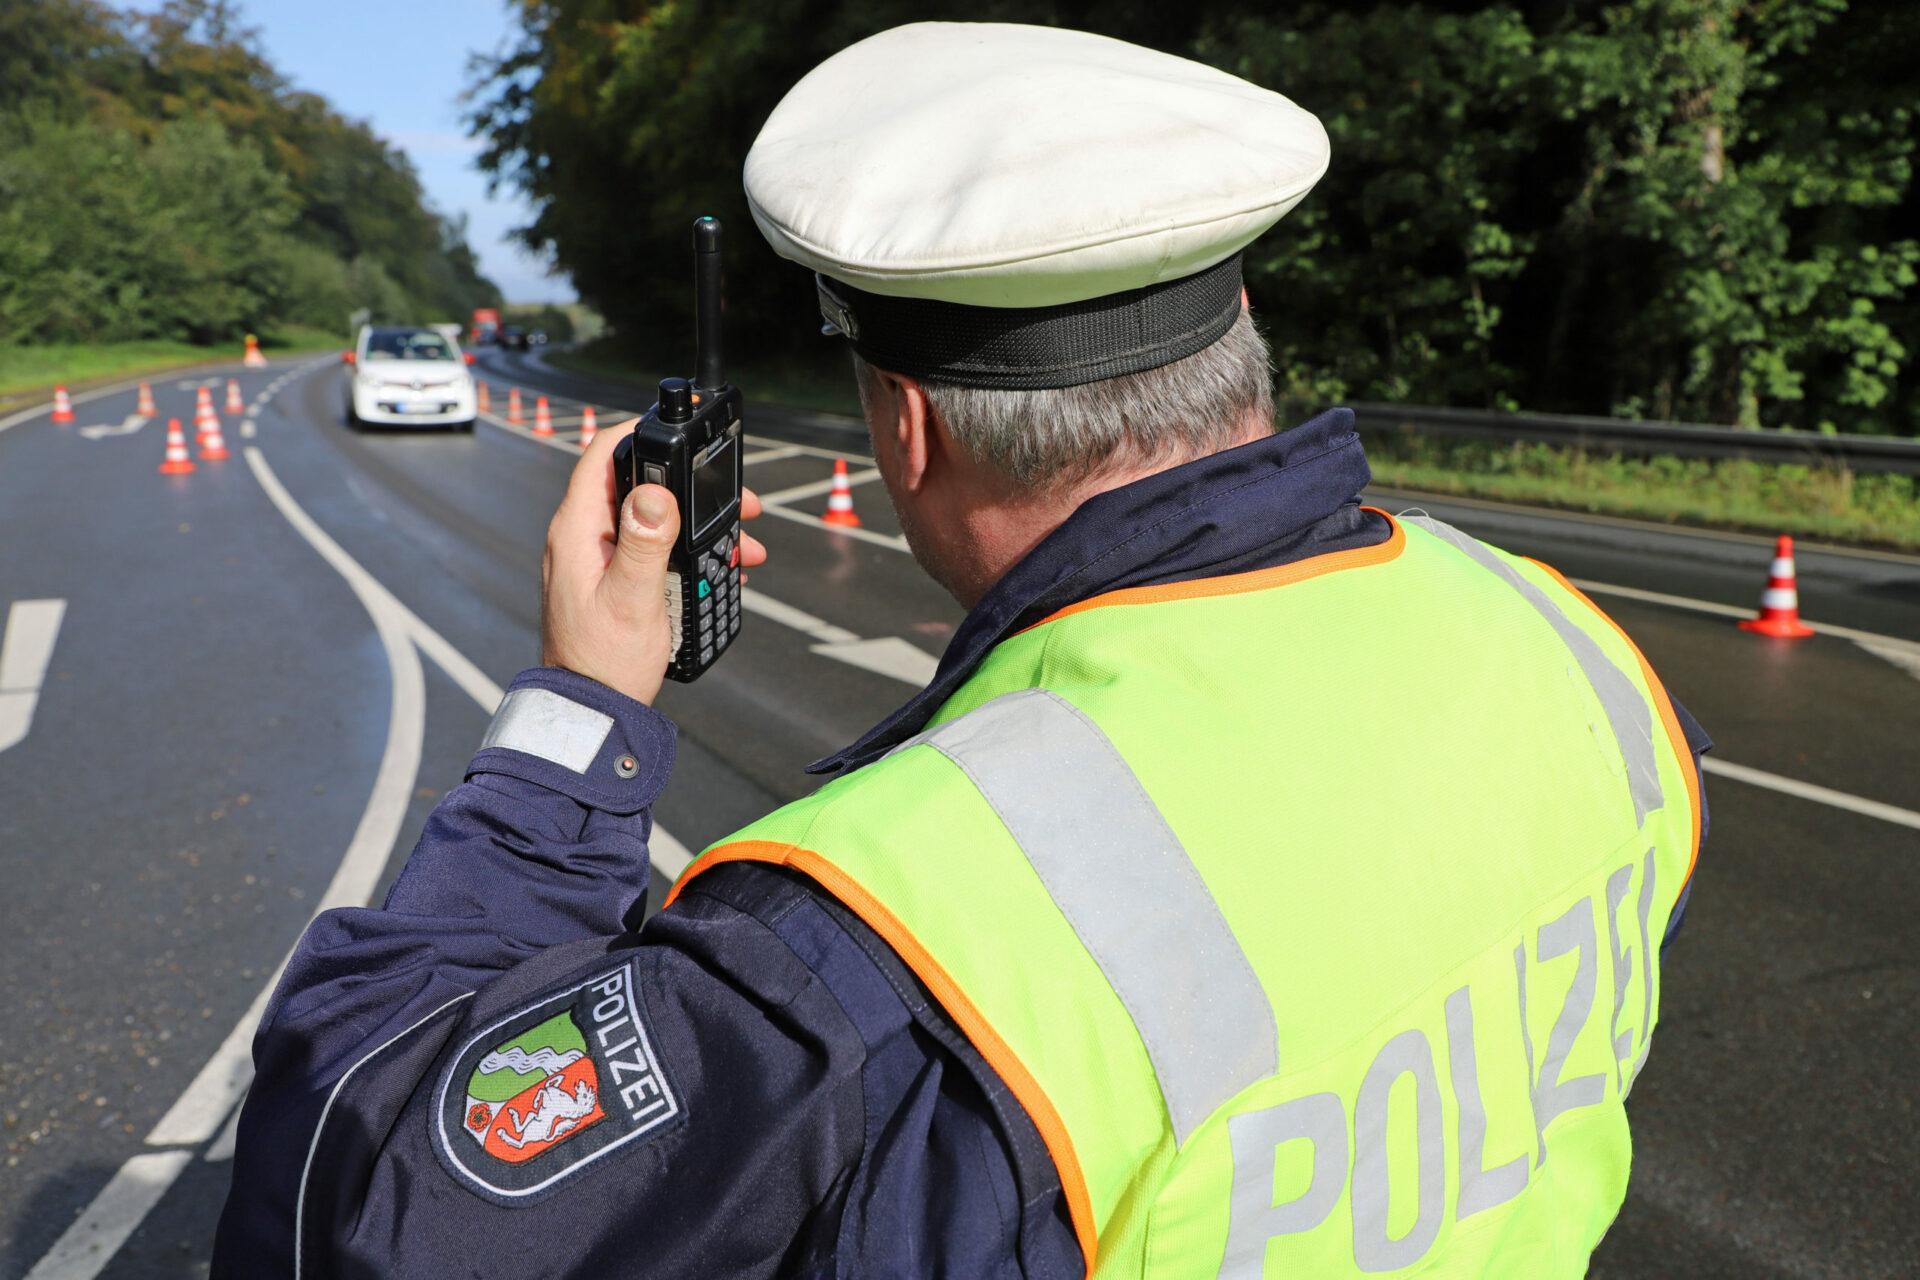 Schwerpunkteinsatz am Freischütz: Polizei zieht rumänischen Lkw aus dem Verkehr